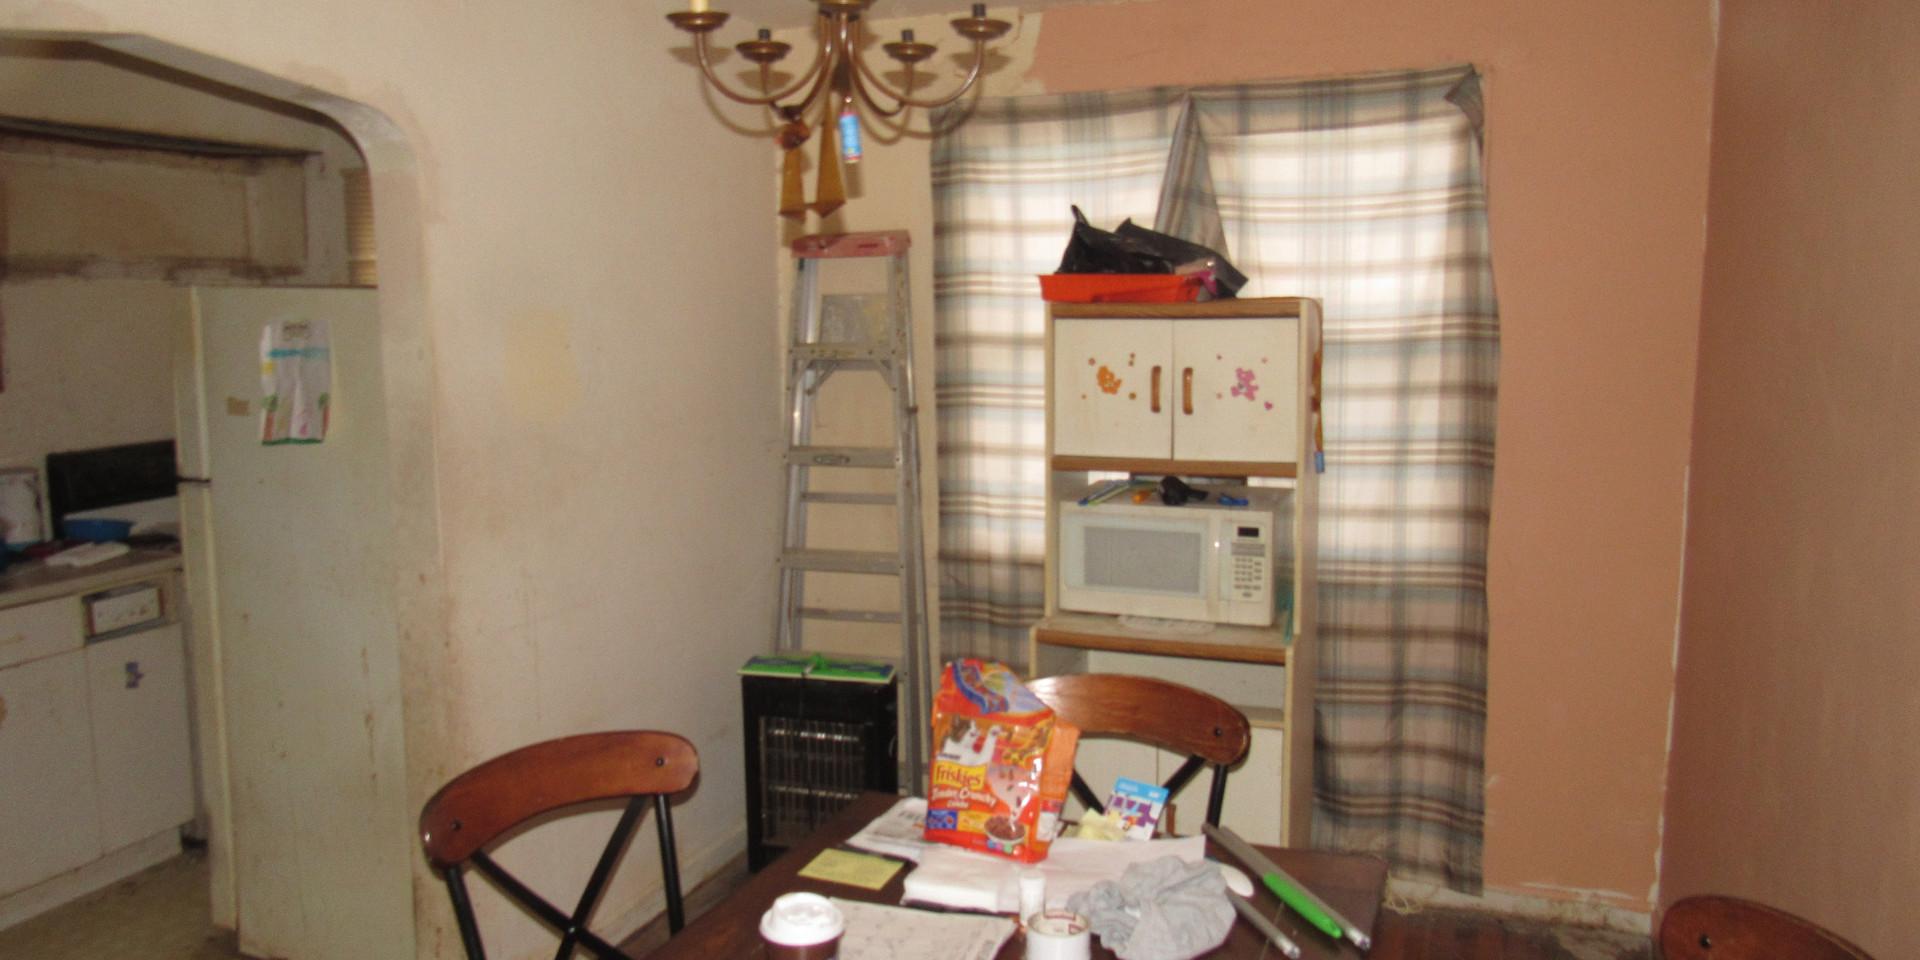 04A Dining Room B.JPG